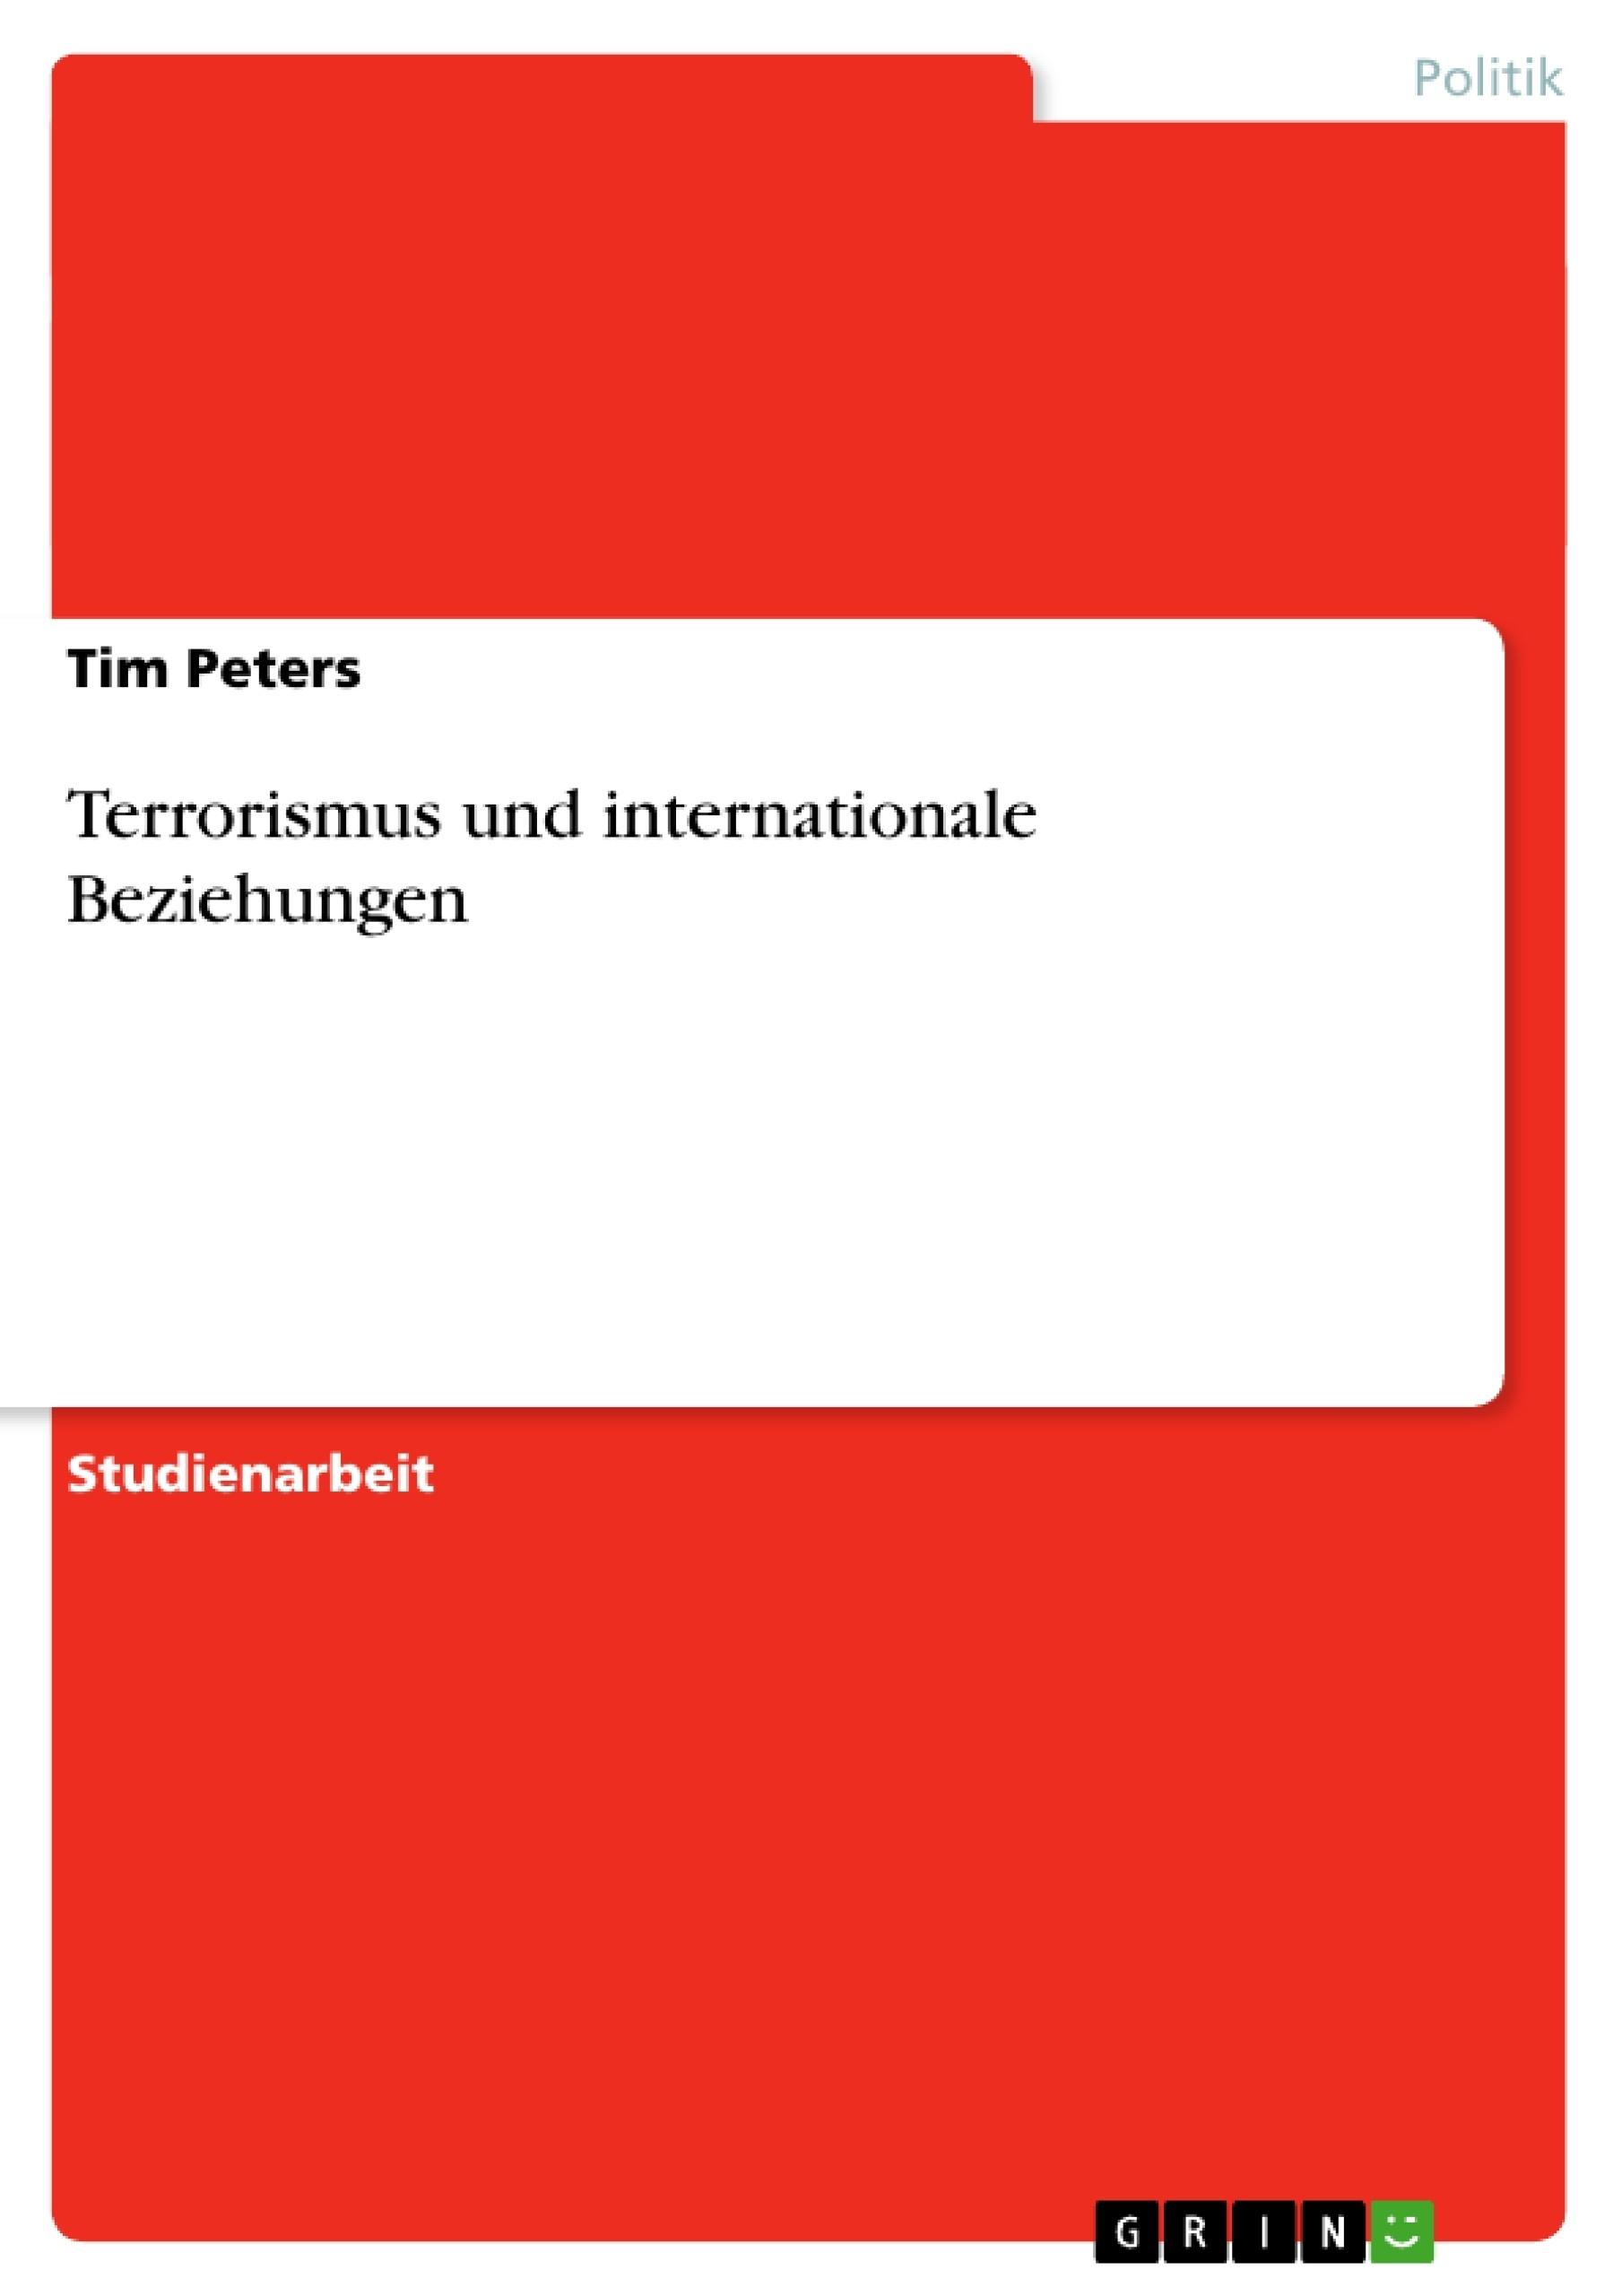 Titel: Terrorismus und internationale Beziehungen